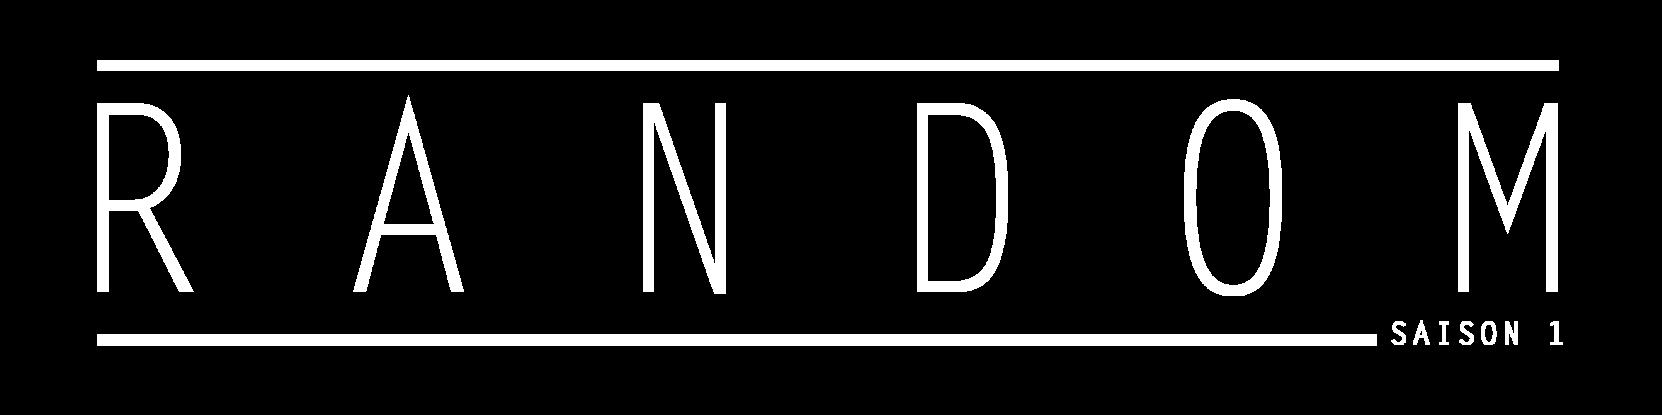 Logo RANDOM saison 01